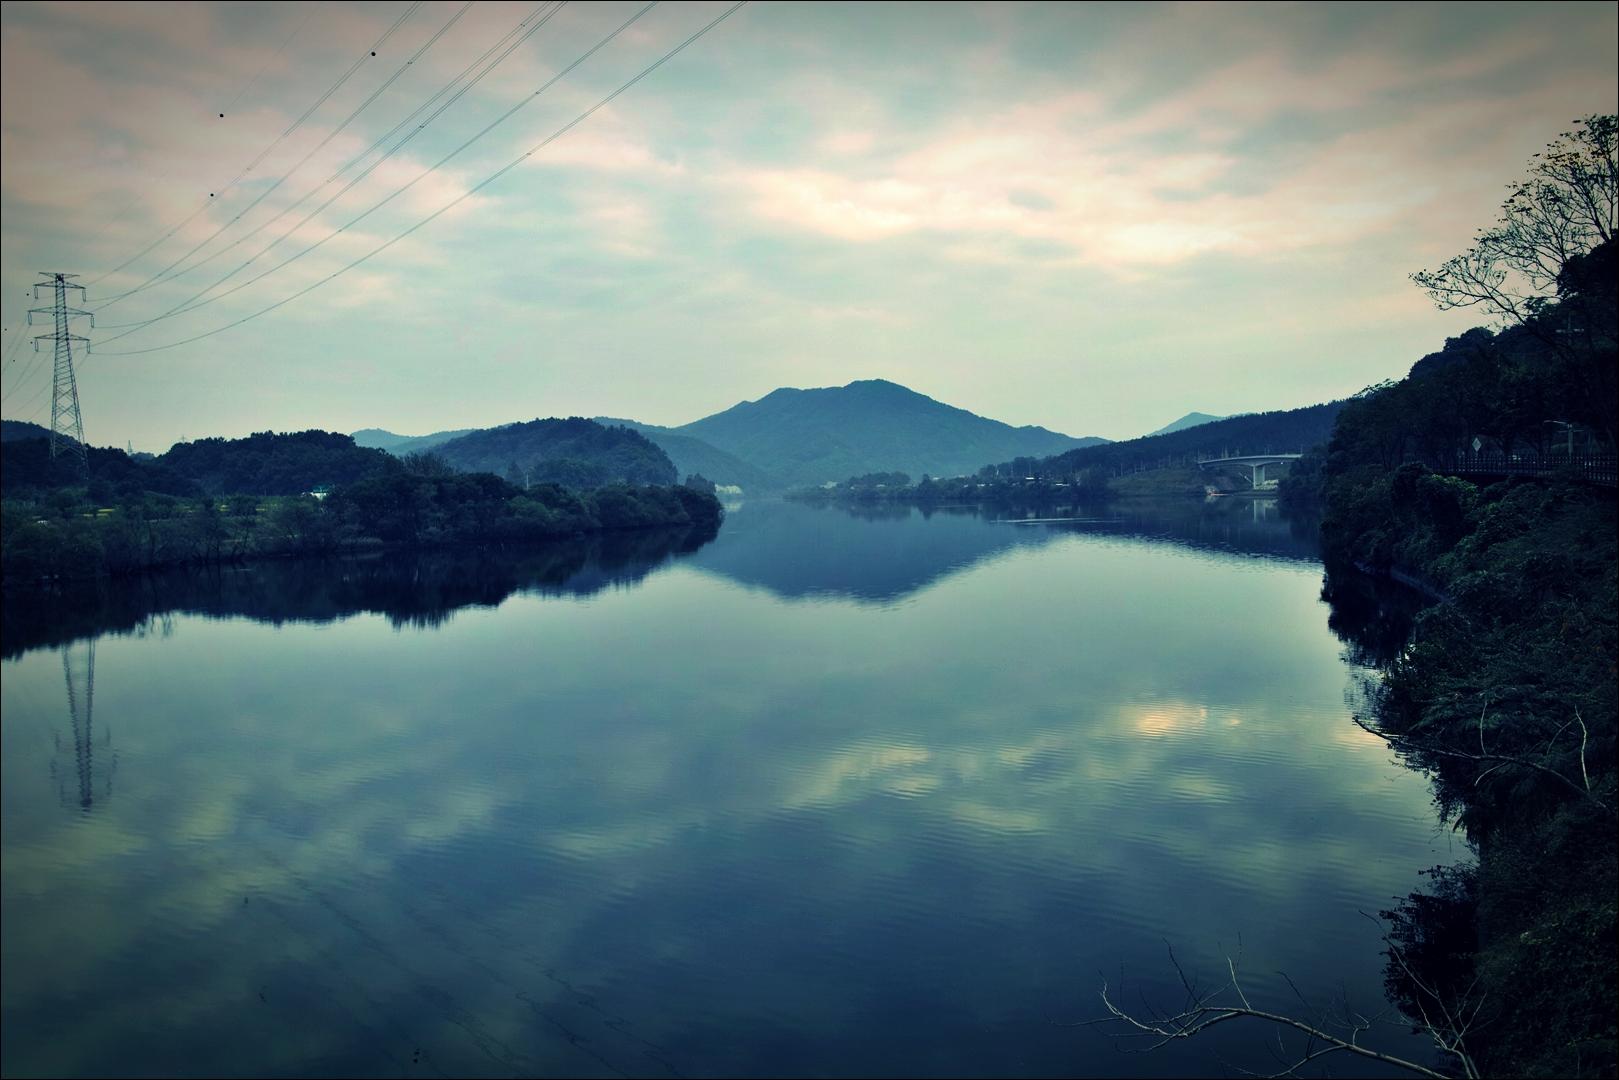 대청 댐 인근-'금강 자전거 캠핑 종주'